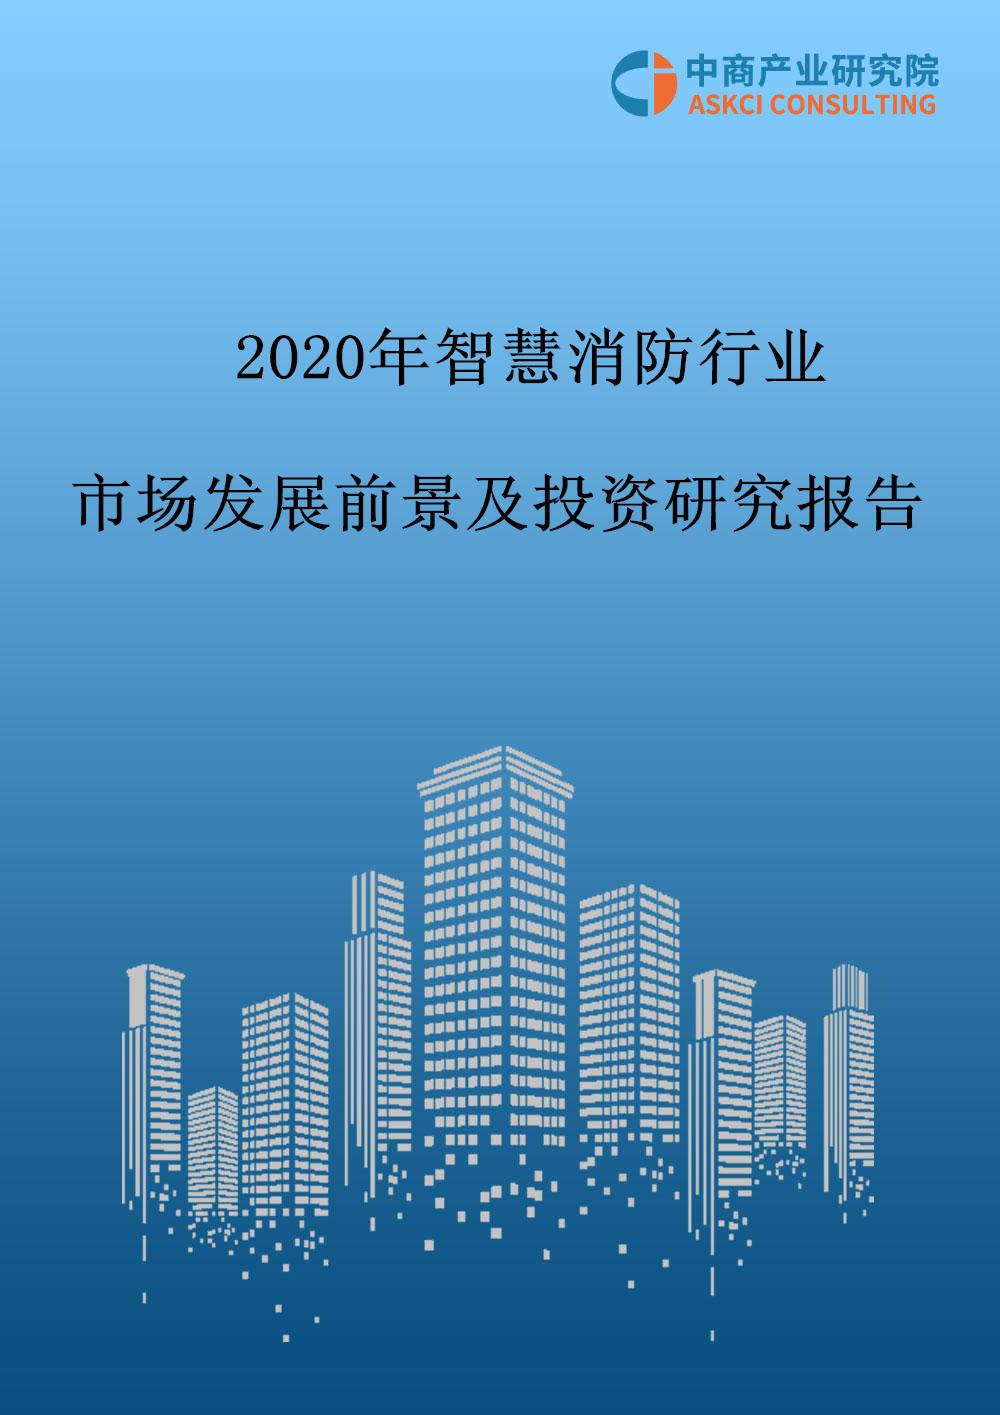 2020年智慧消防行业市场发展前景及投资研究报告